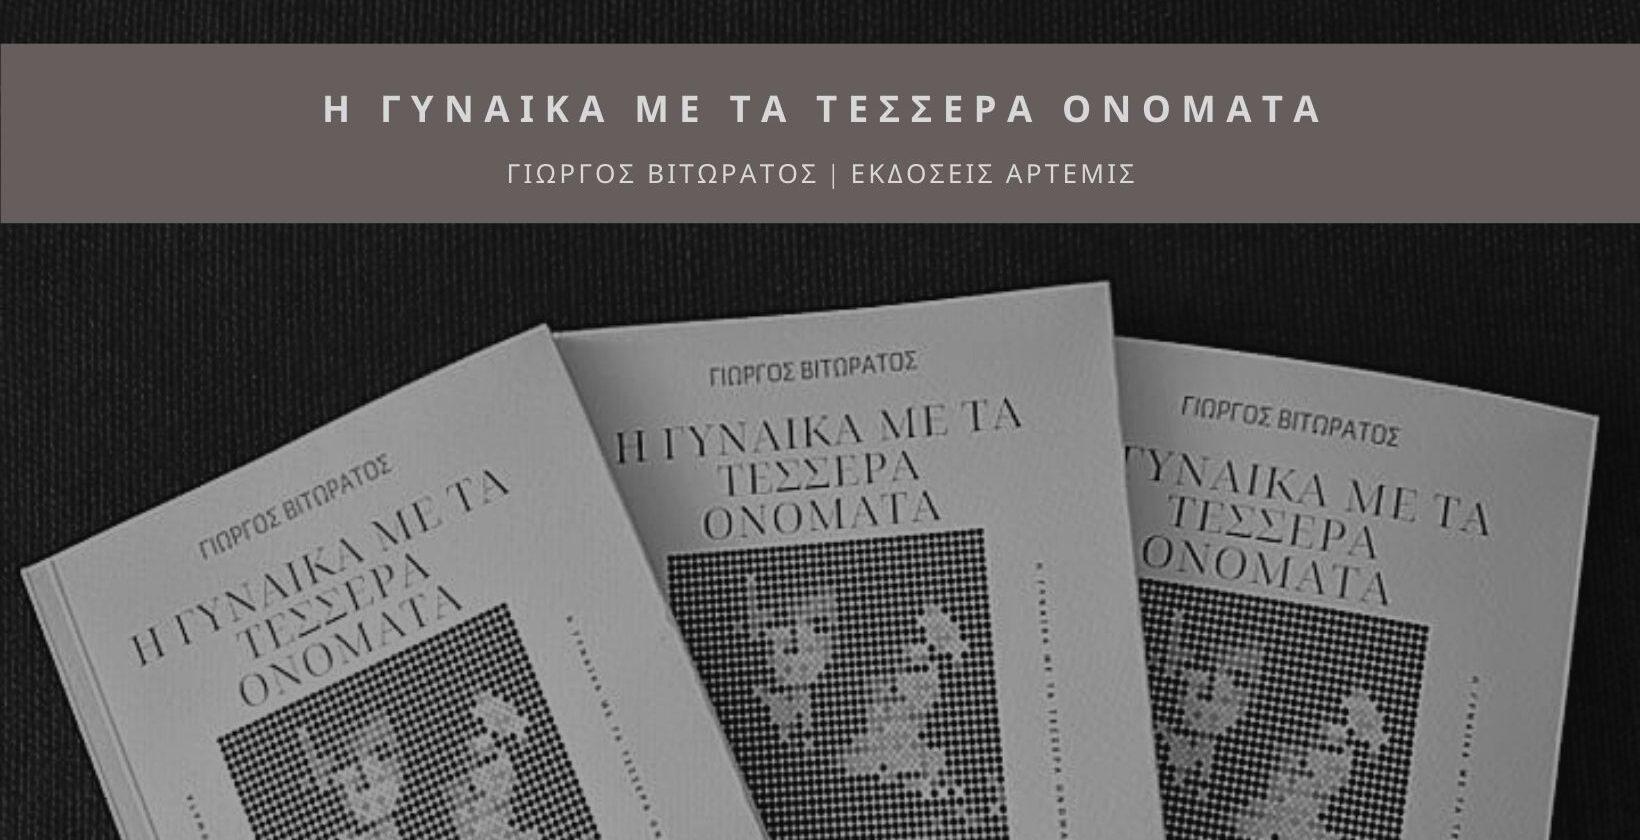 Η ΓΥΝΑΙΚΑ ΜΕ ΤΑ ΤΕΣΣΕΡΑ ΟΝΟΜΑΤΑ - ΠΡΟΜΟ1